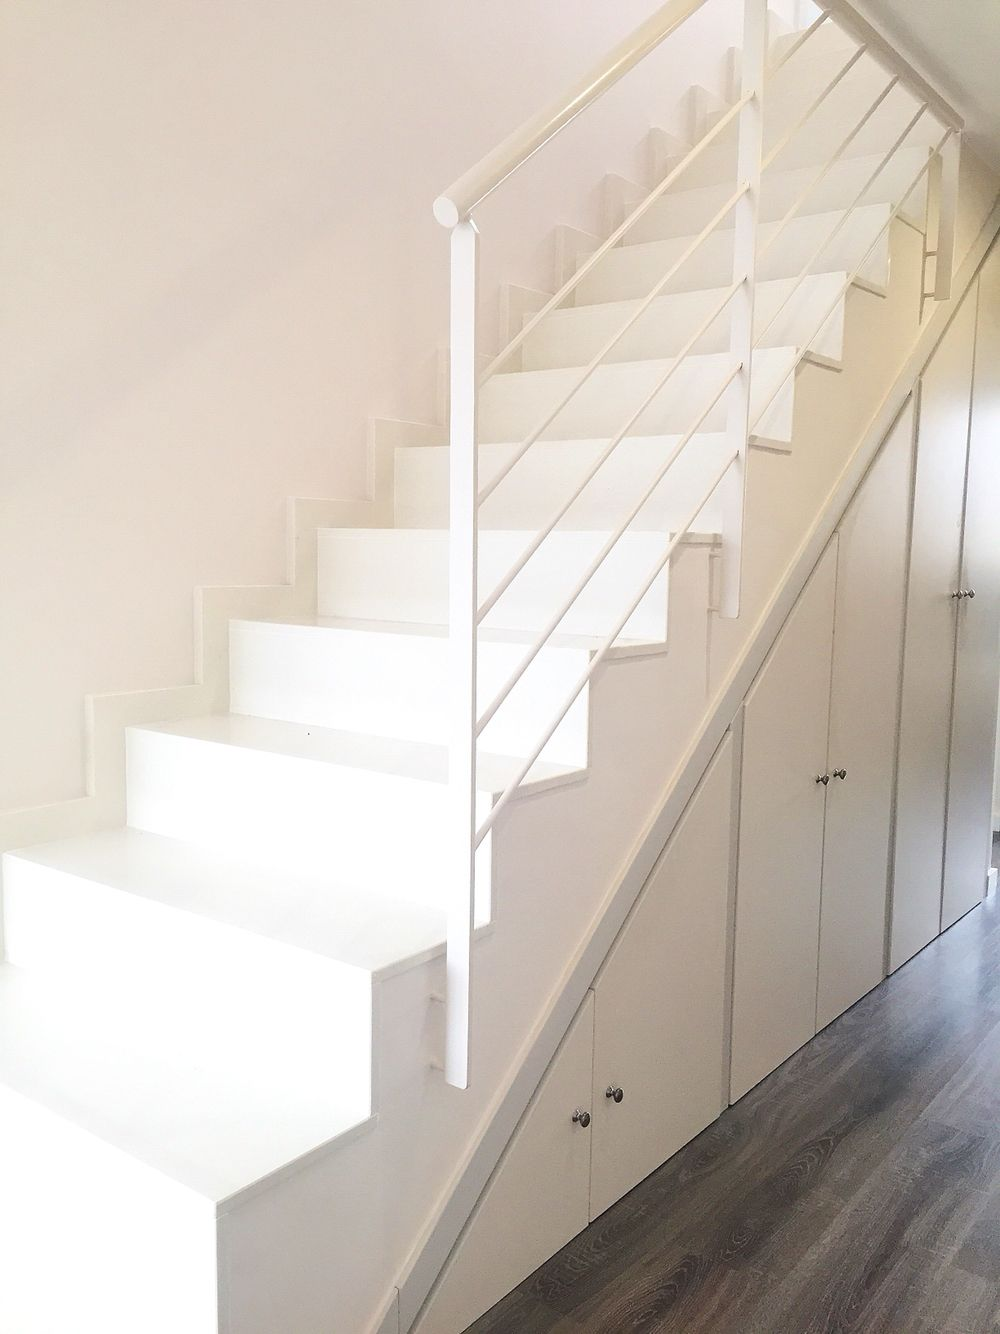 Escaleras marmol y piso madera buscar con google for Marmol blanco cristal